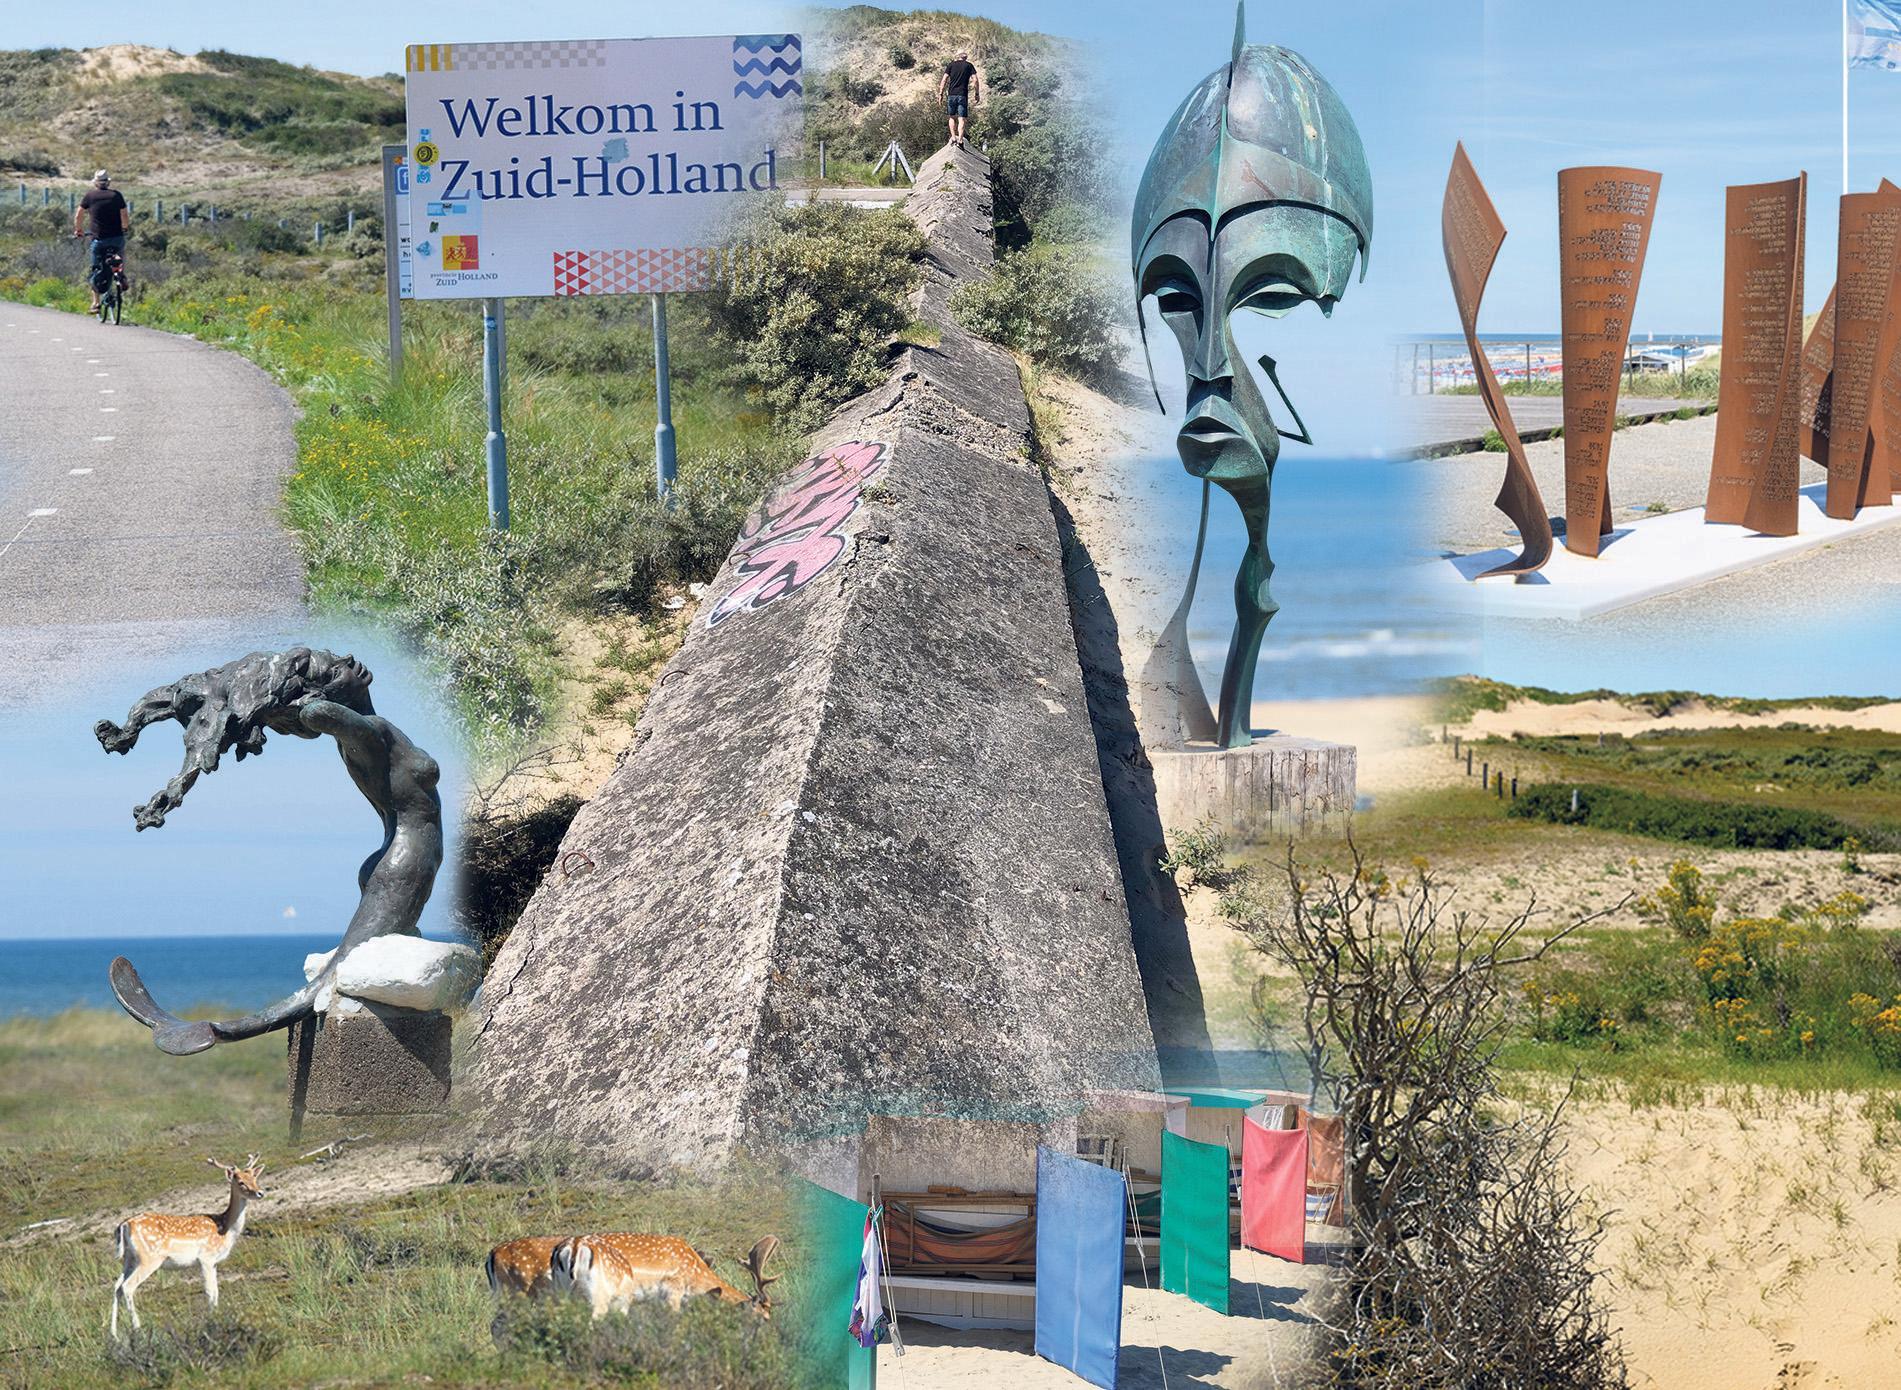 De zee lonkt langs de LF1 Noordzeeroute van Den Helder naar Sluis [video]